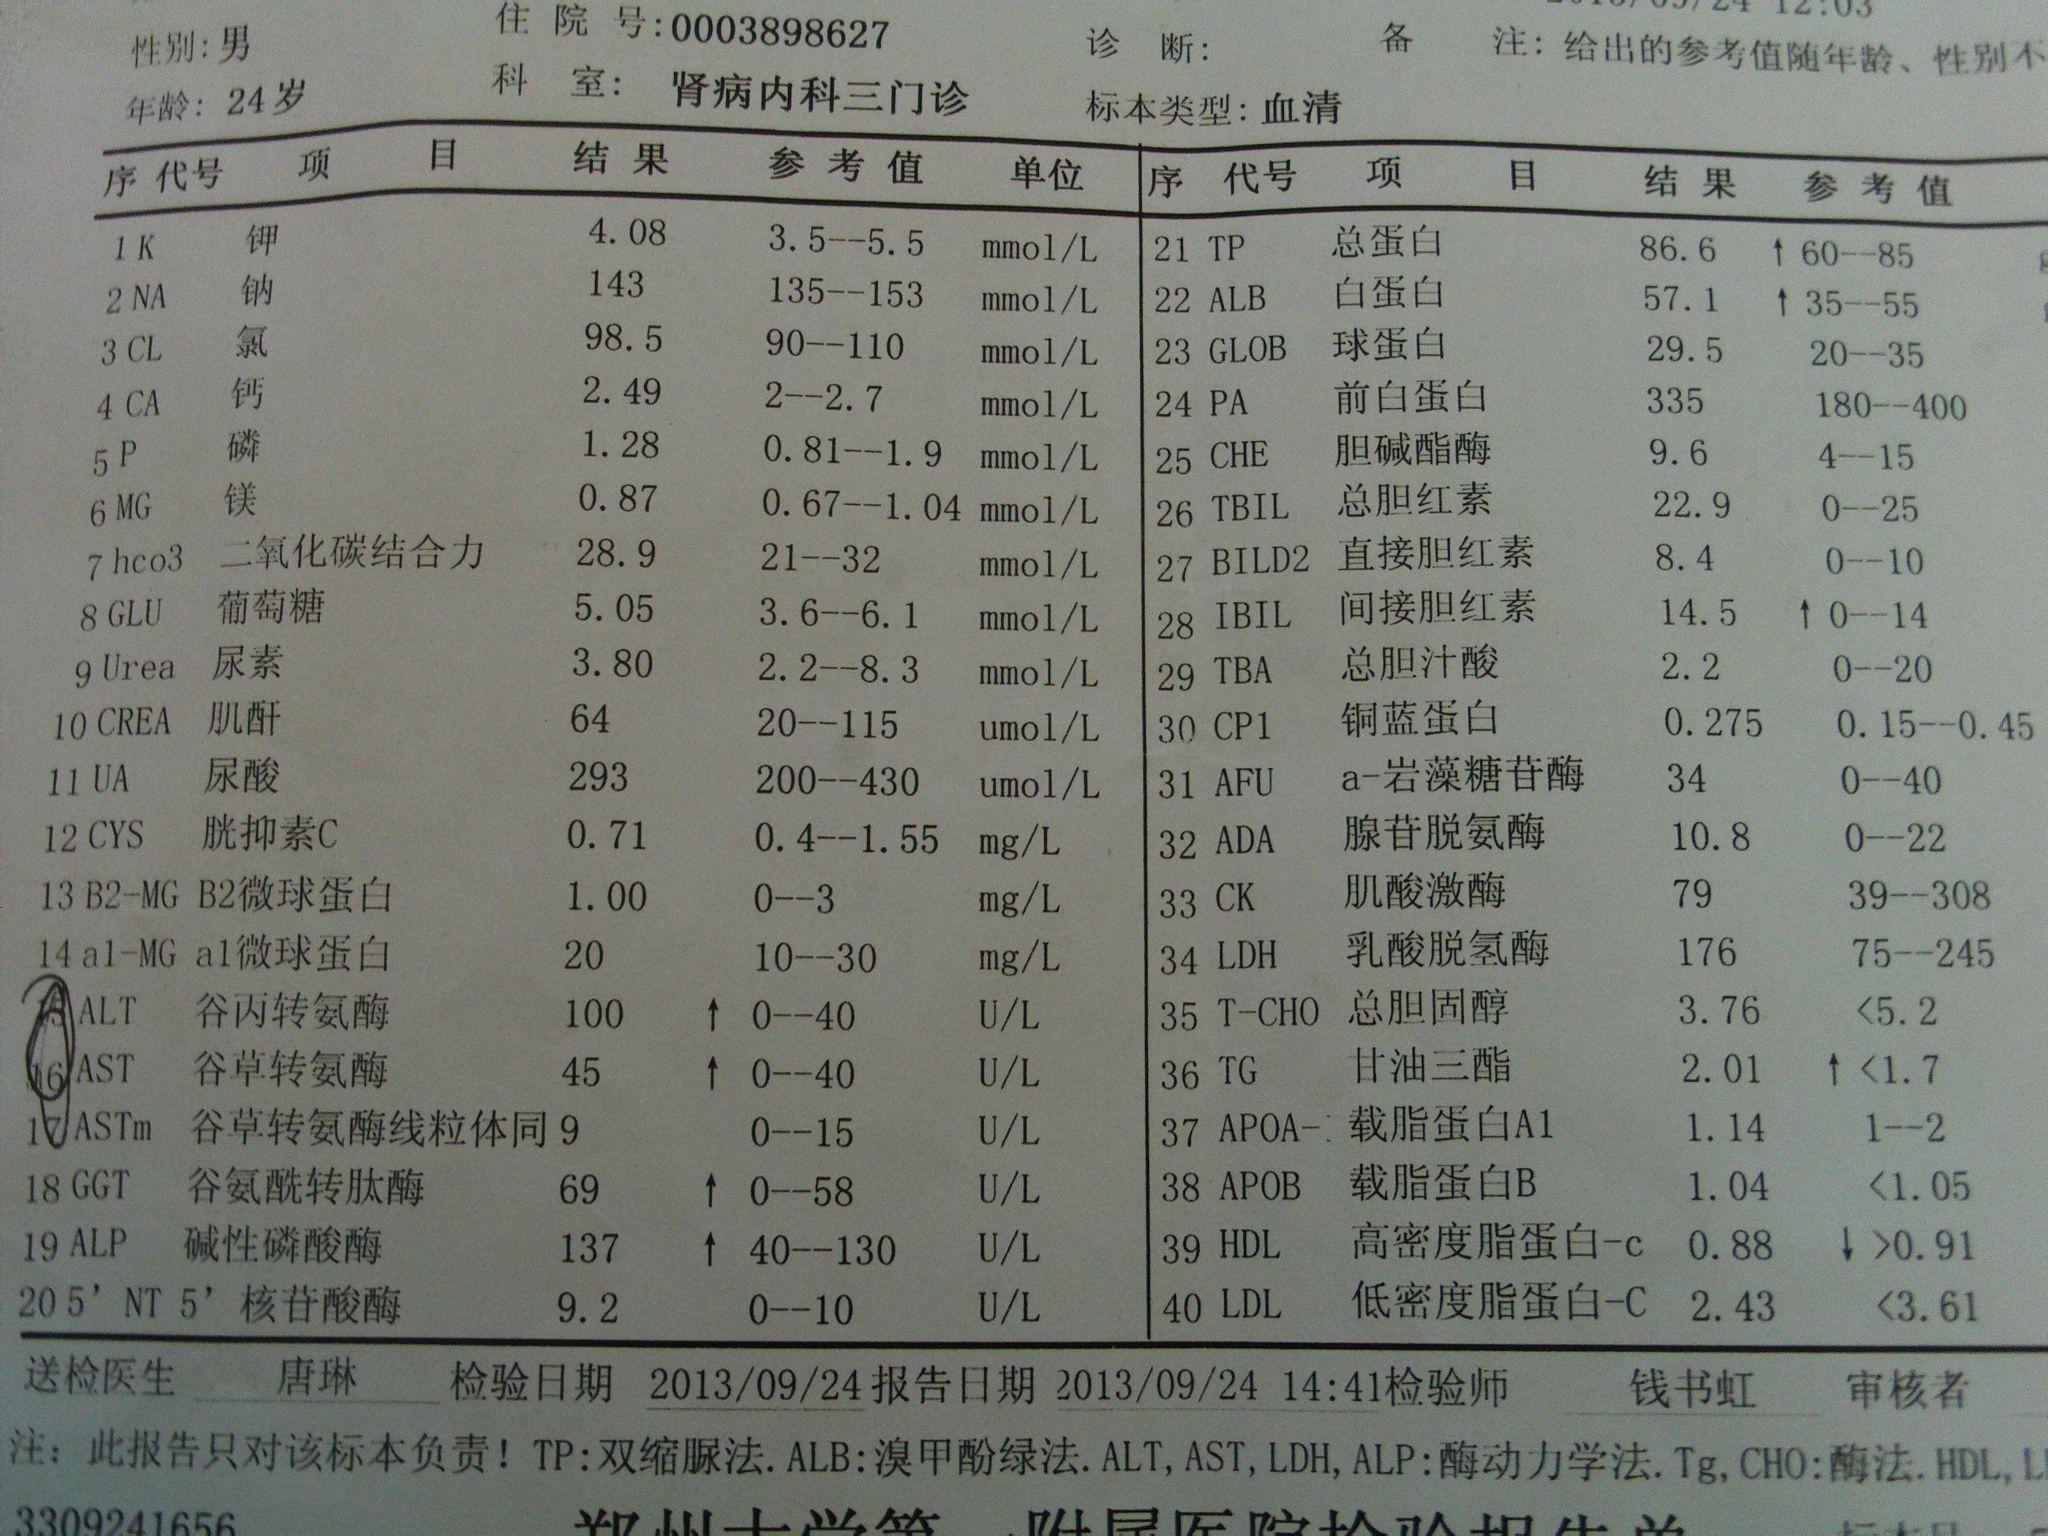 什么是中度脂肪肝_最高一次510,一次405,一次300. 彩超说有中度脂肪肝.